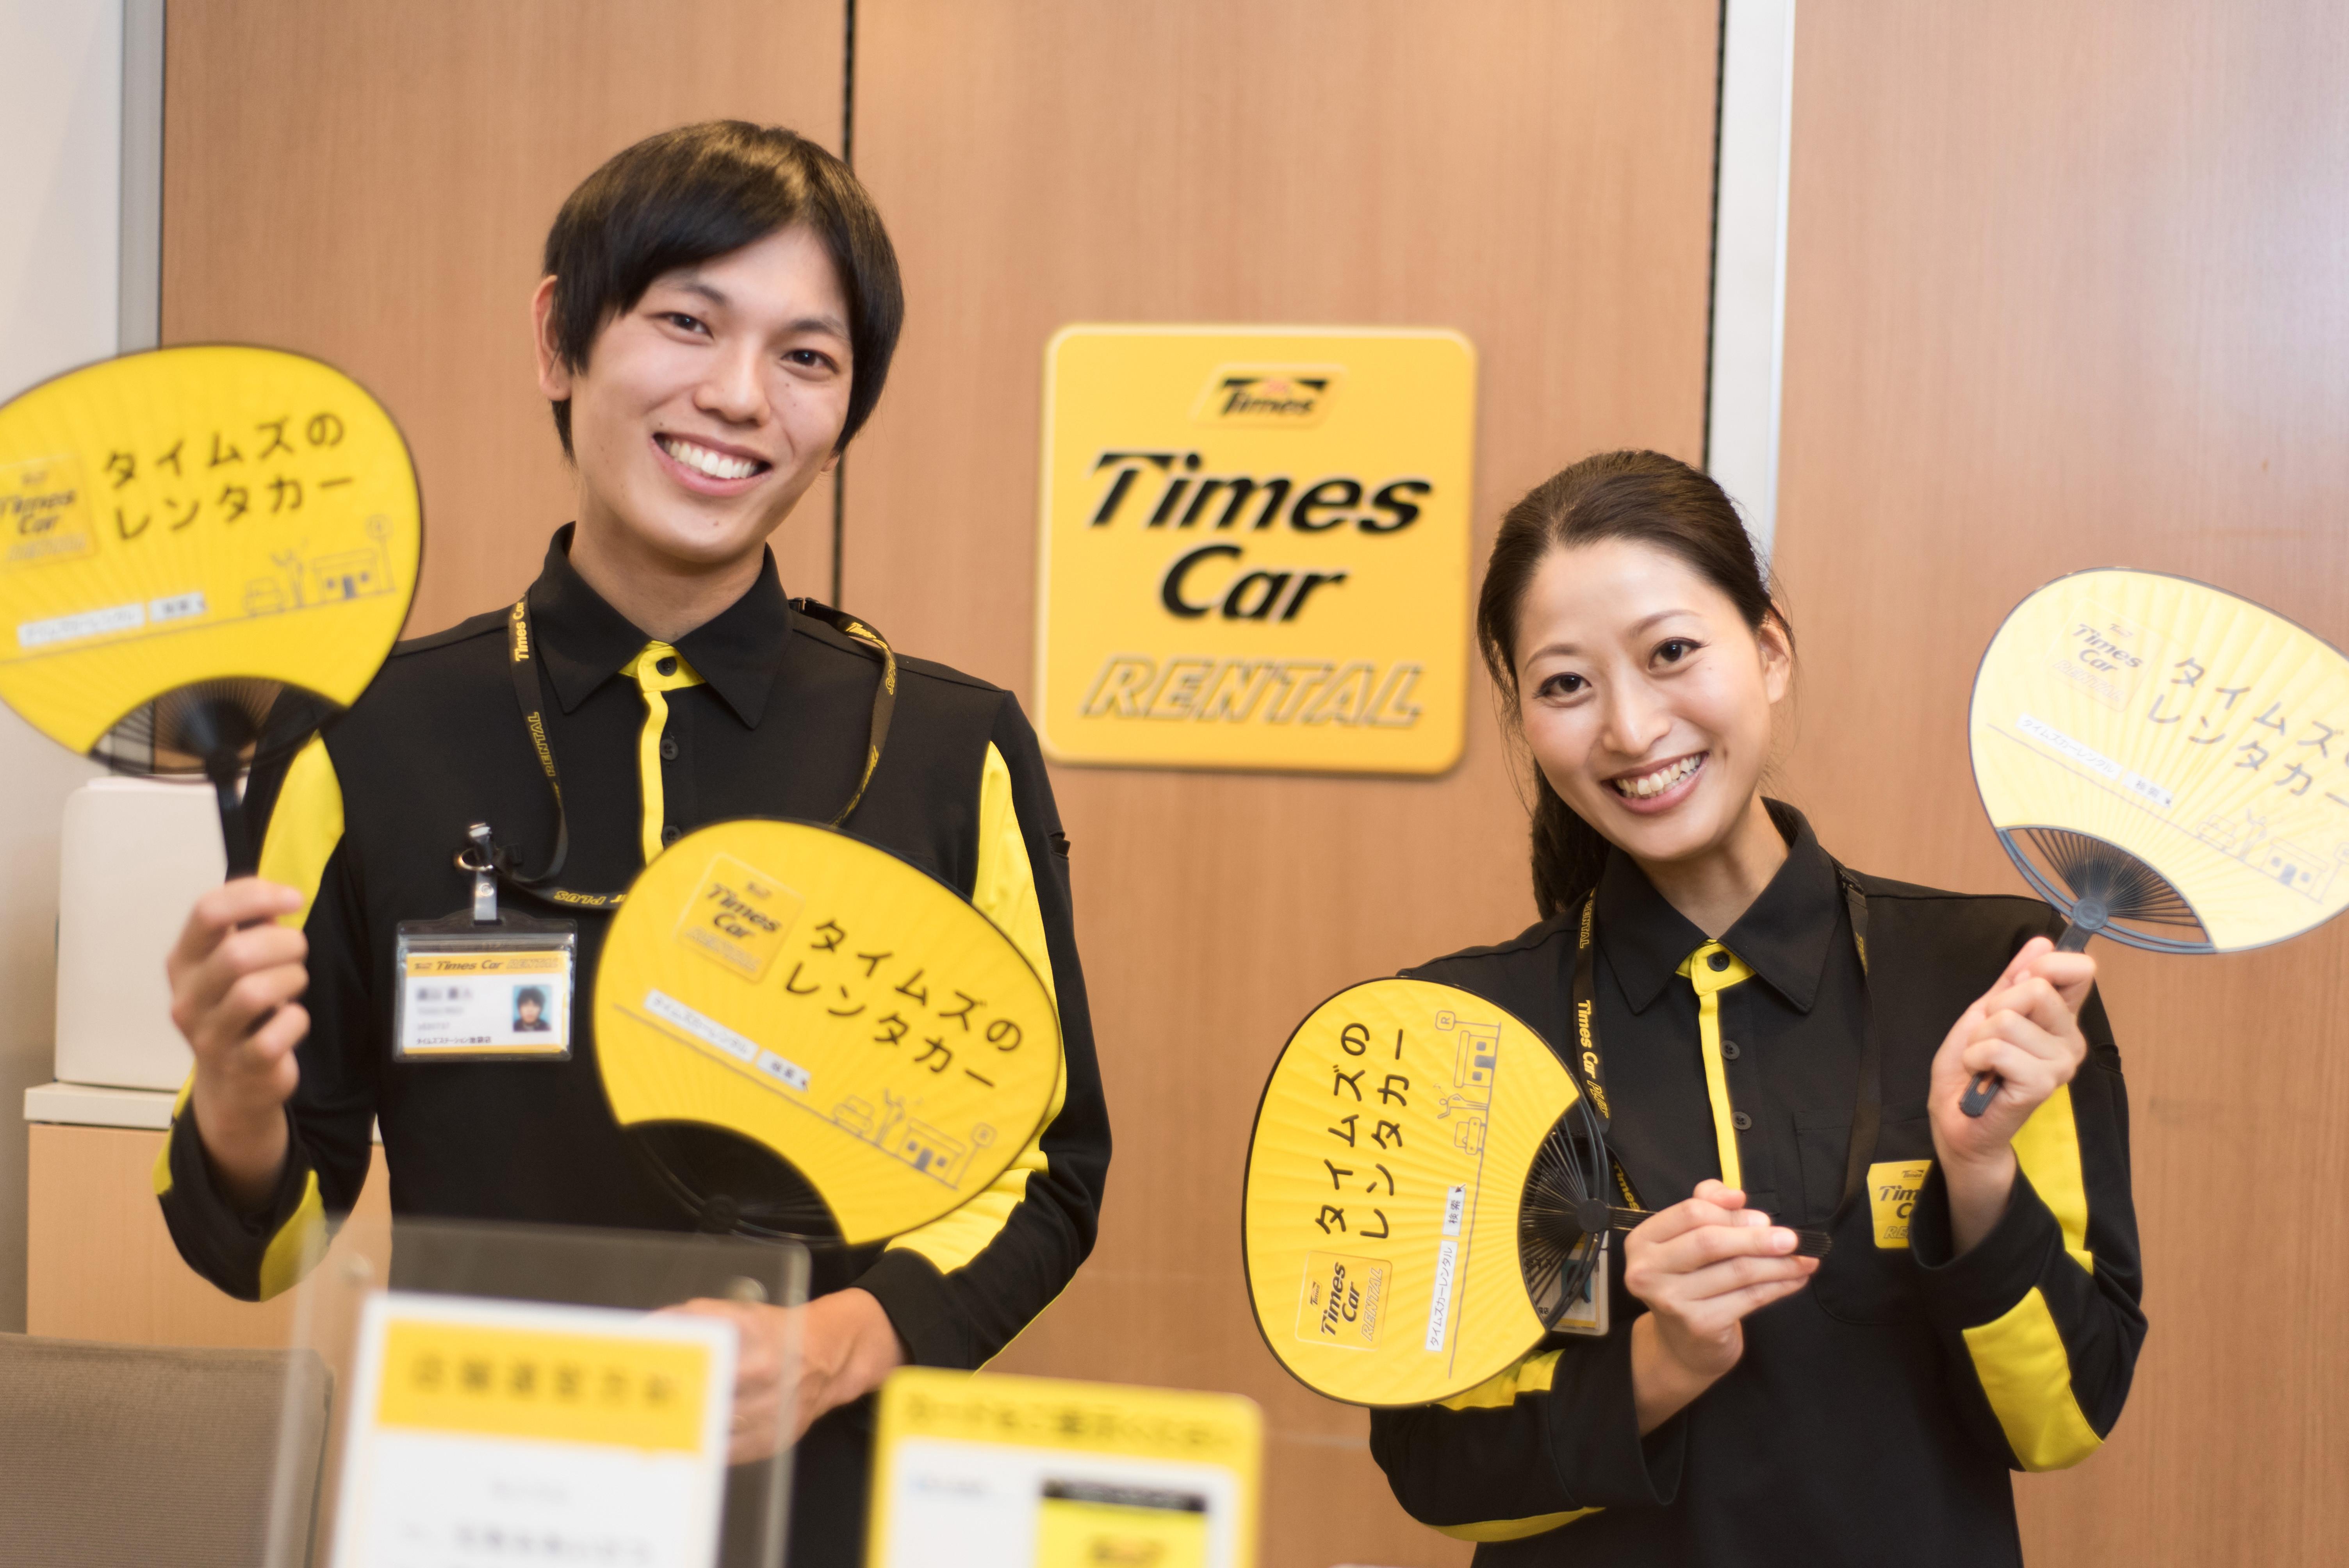 タイムズカーレンタル 刈谷駅前店 のアルバイト情報